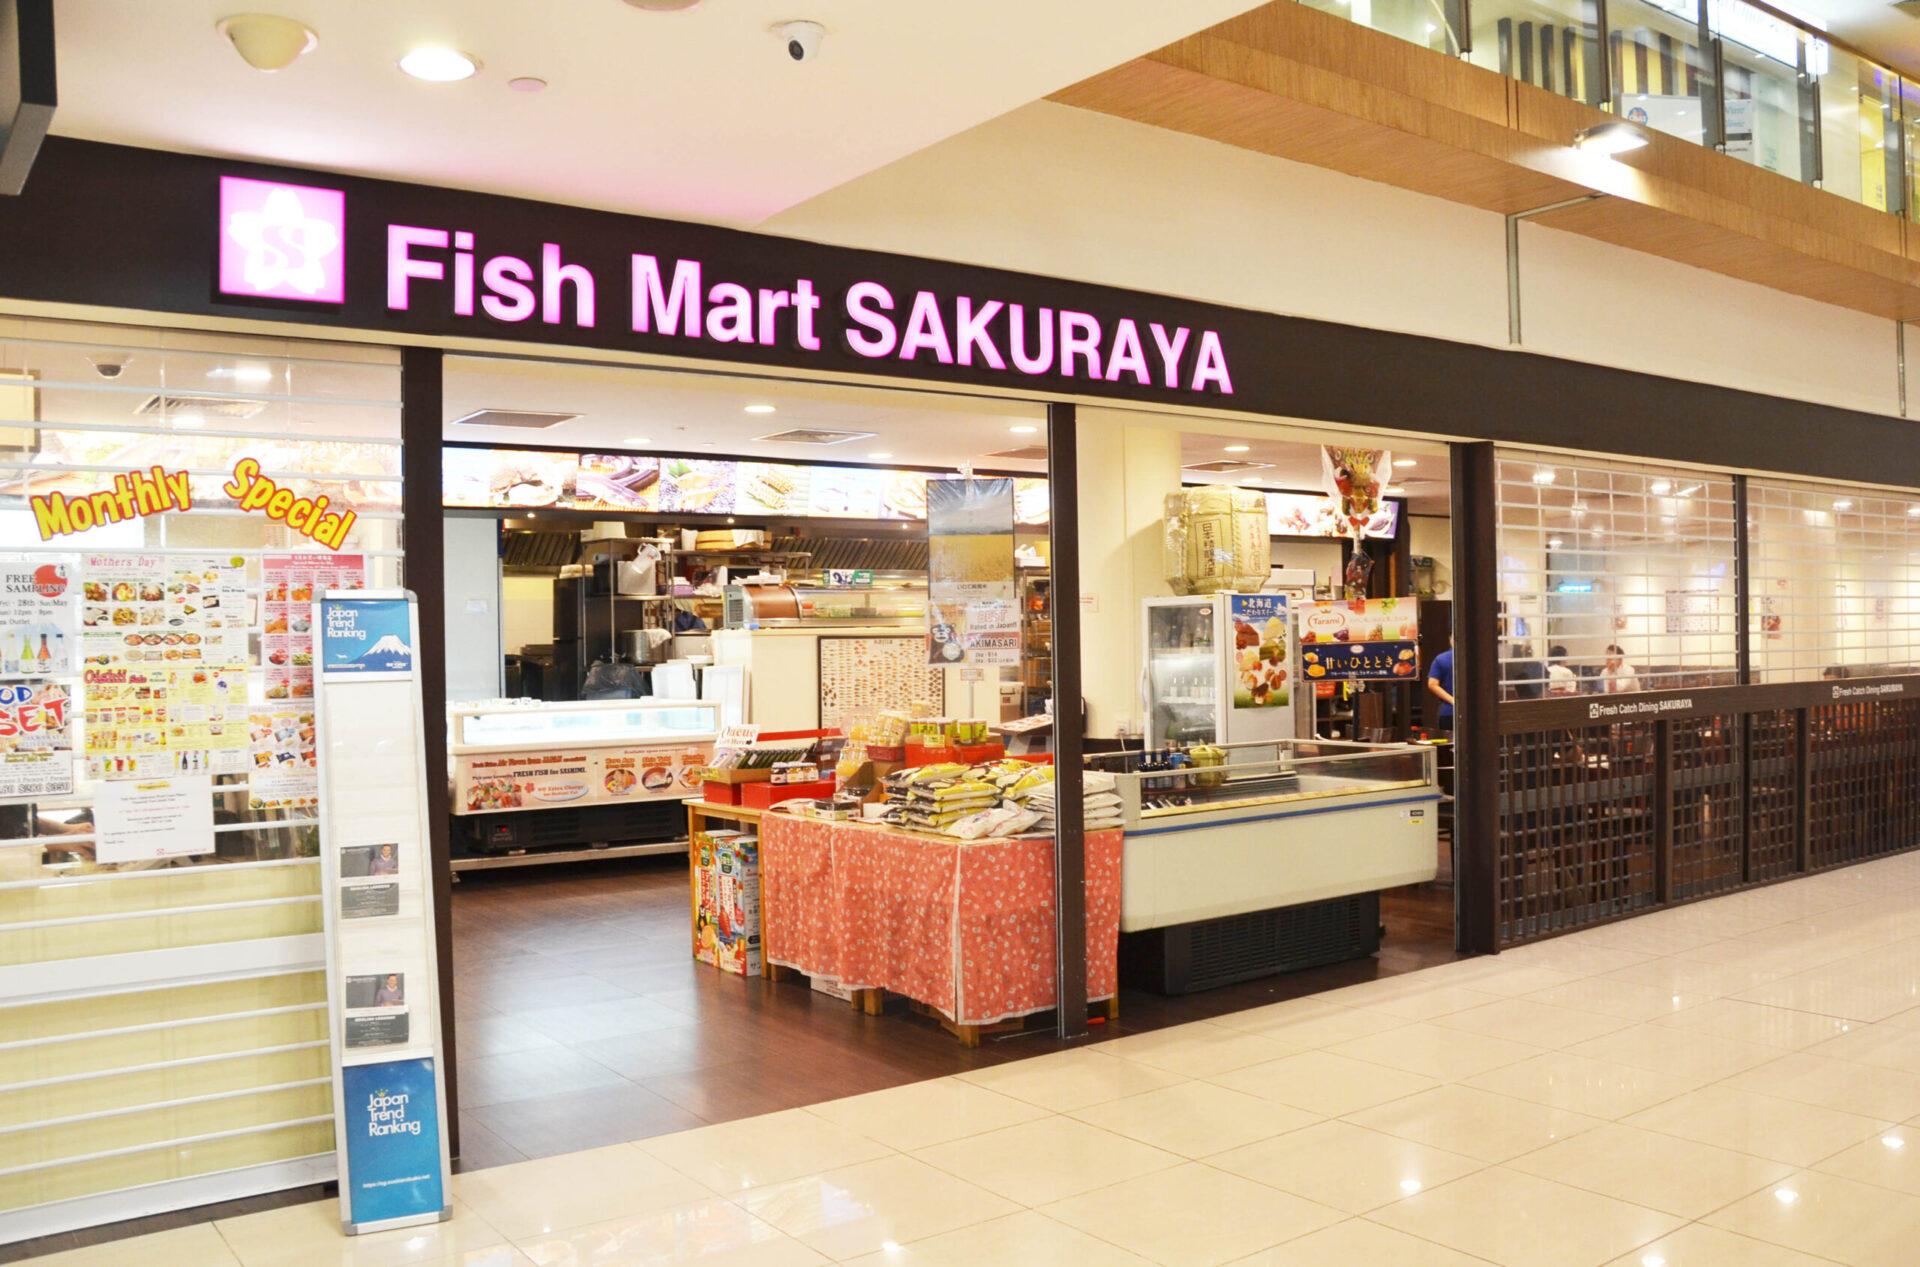 【日本からの生鮮食品を迅速配達】宅配メニューも充実のさくらや